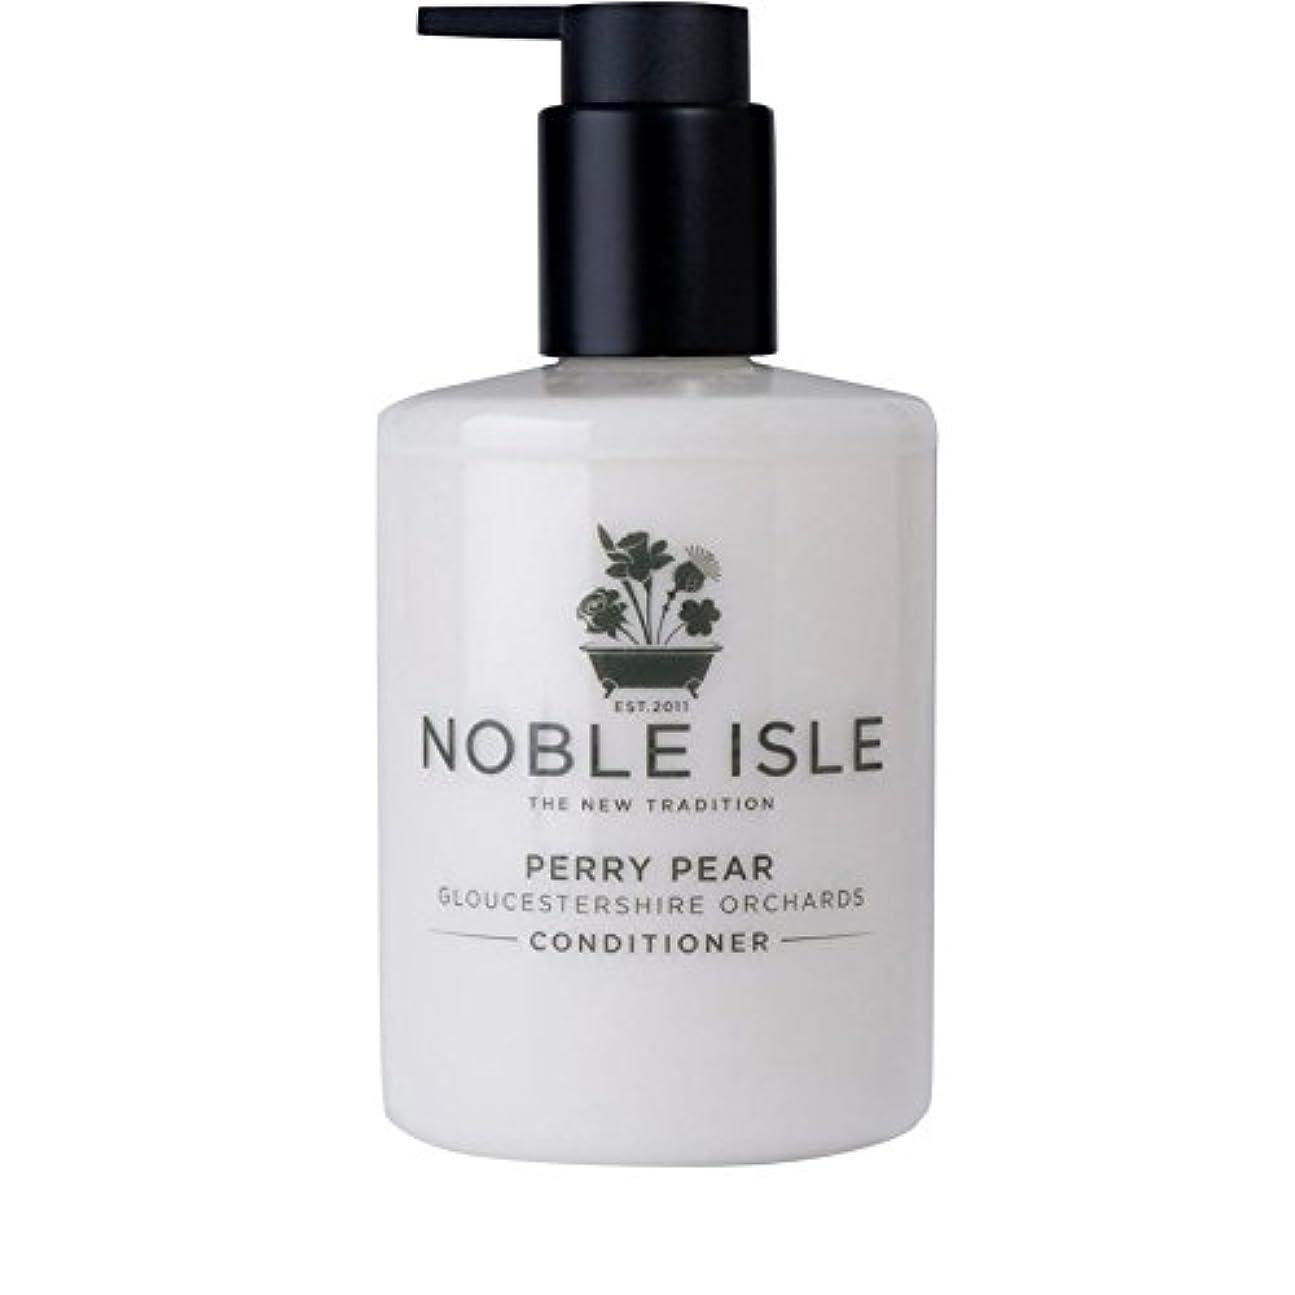 量でチーム不安定Noble Isle Perry Pear Gloucestershire Orchards Conditioner 250ml - 高貴な島ペリー梨グロスターシャー州の果樹園コンディショナー250ミリリットル [並行輸入品]